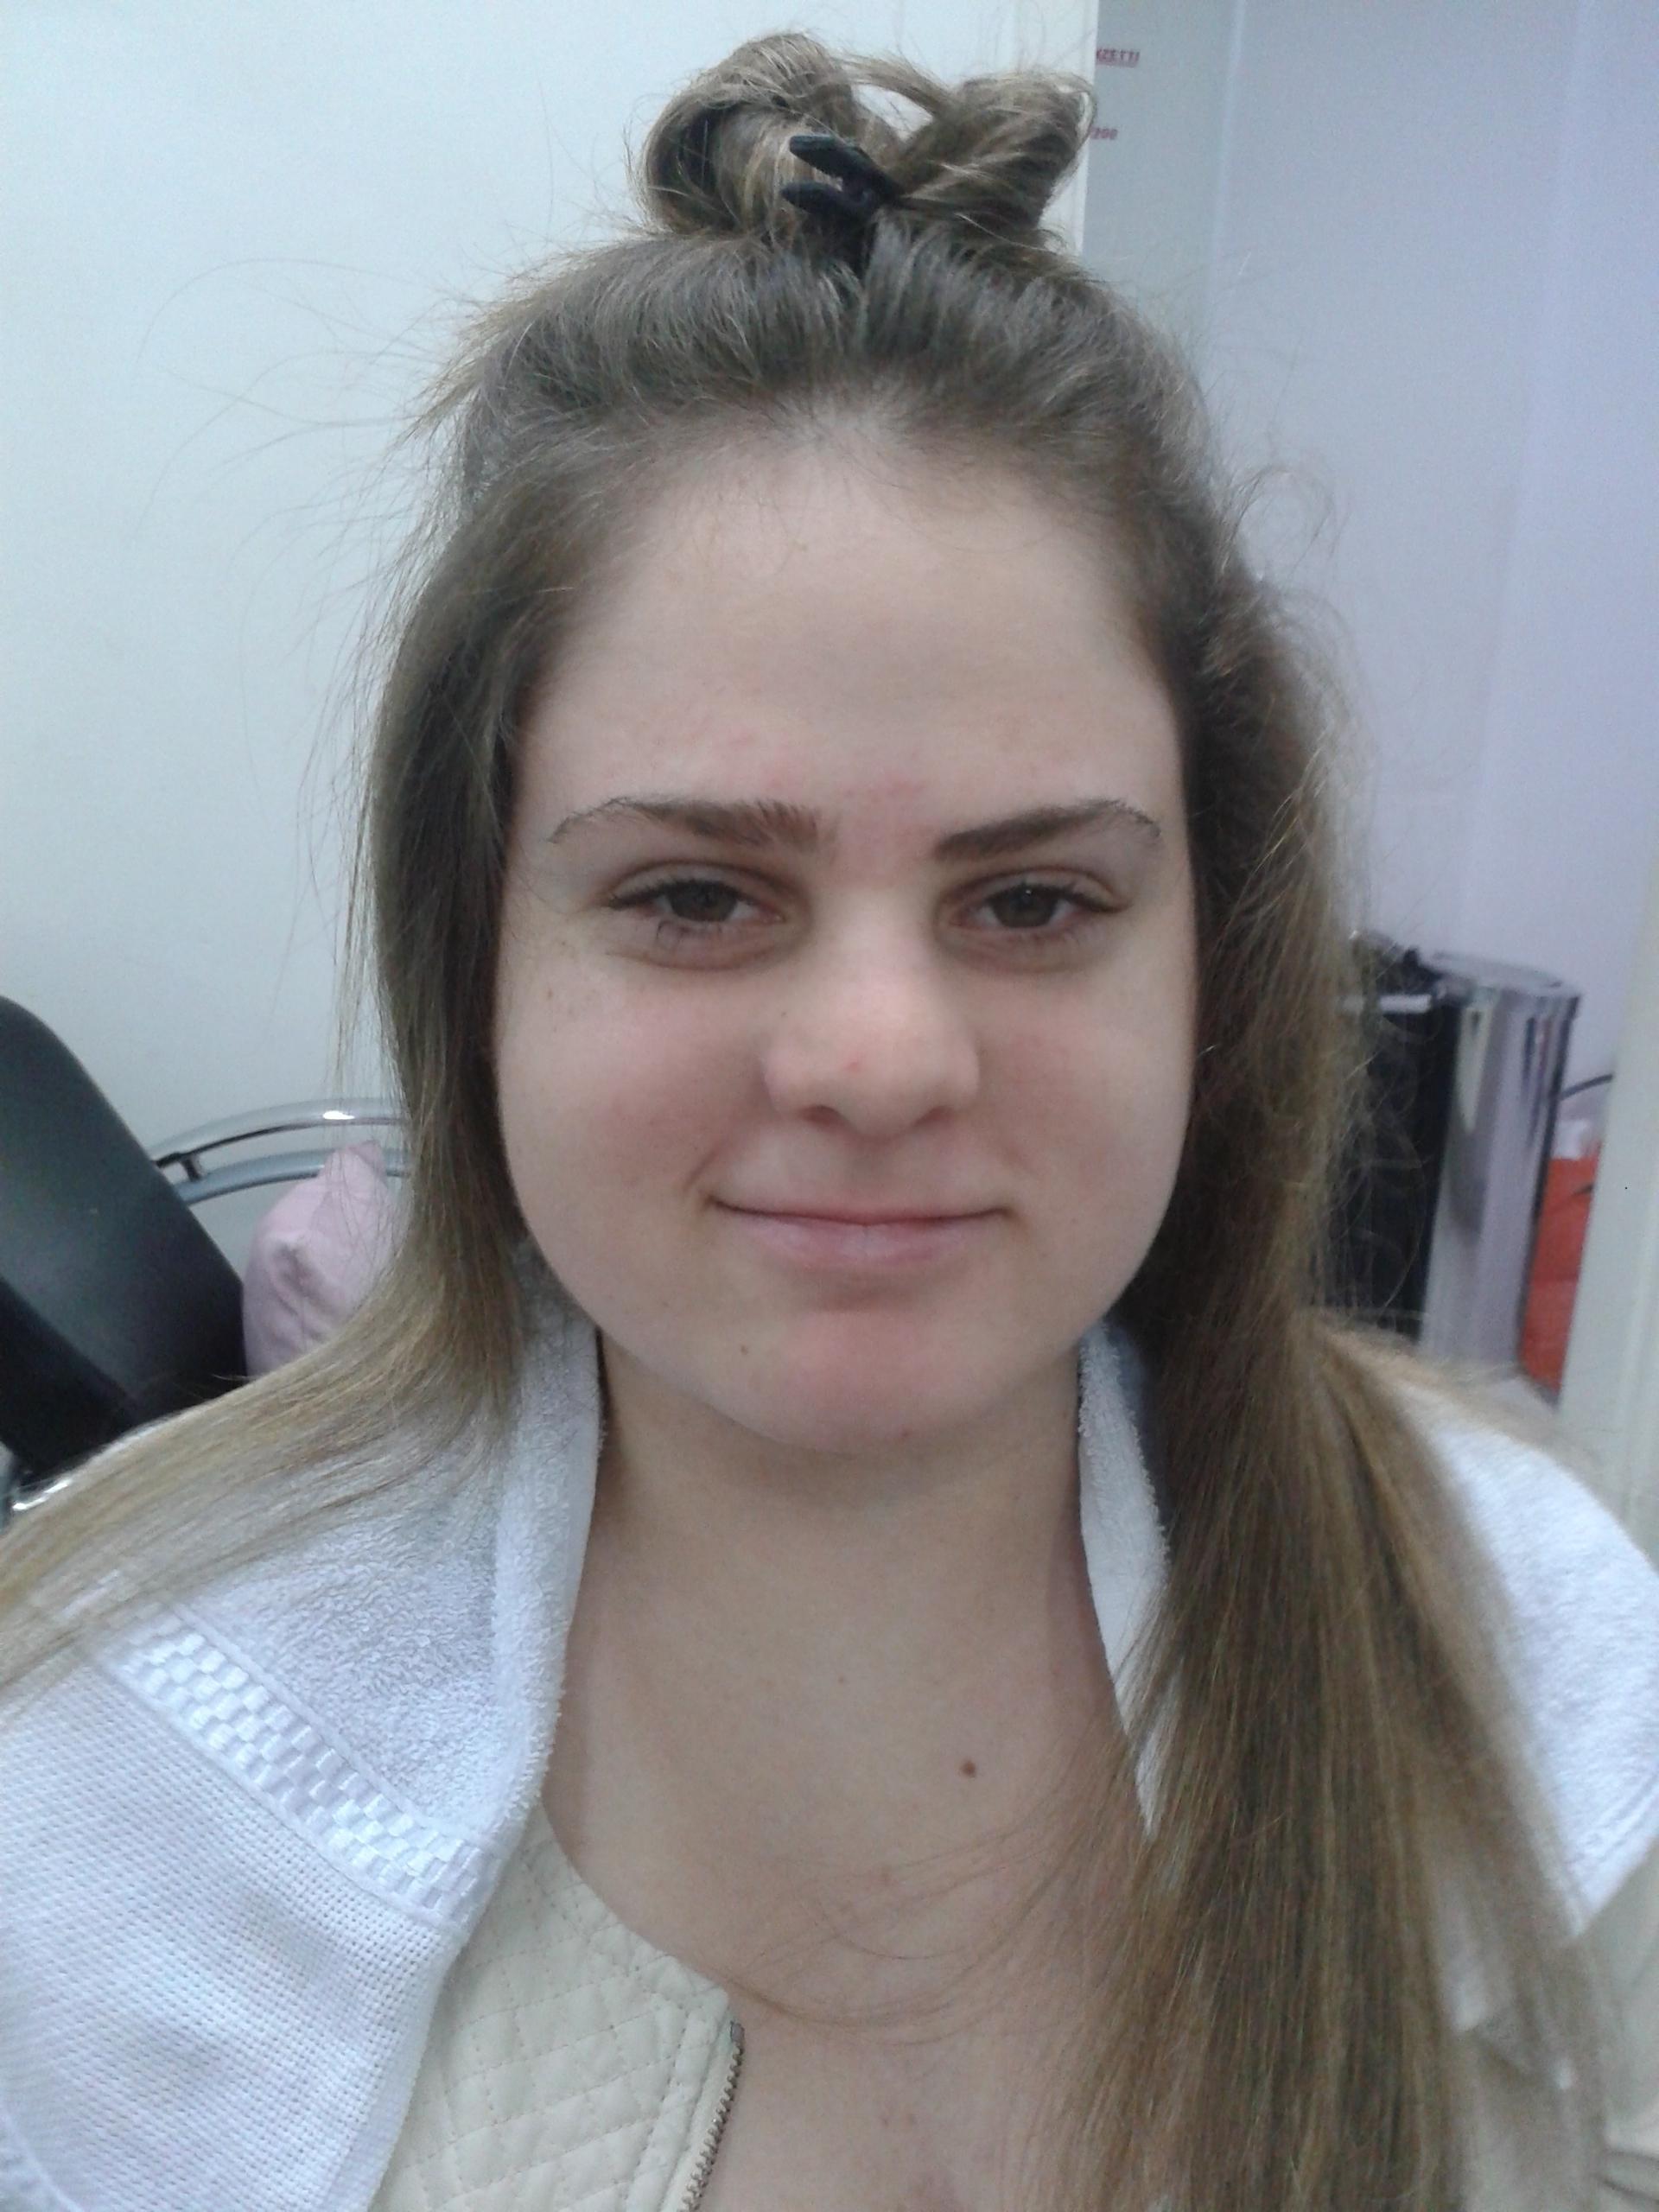 cabeleireiro(a) barbeiro(a) maquiador(a) designer de sobrancelhas depilador(a)